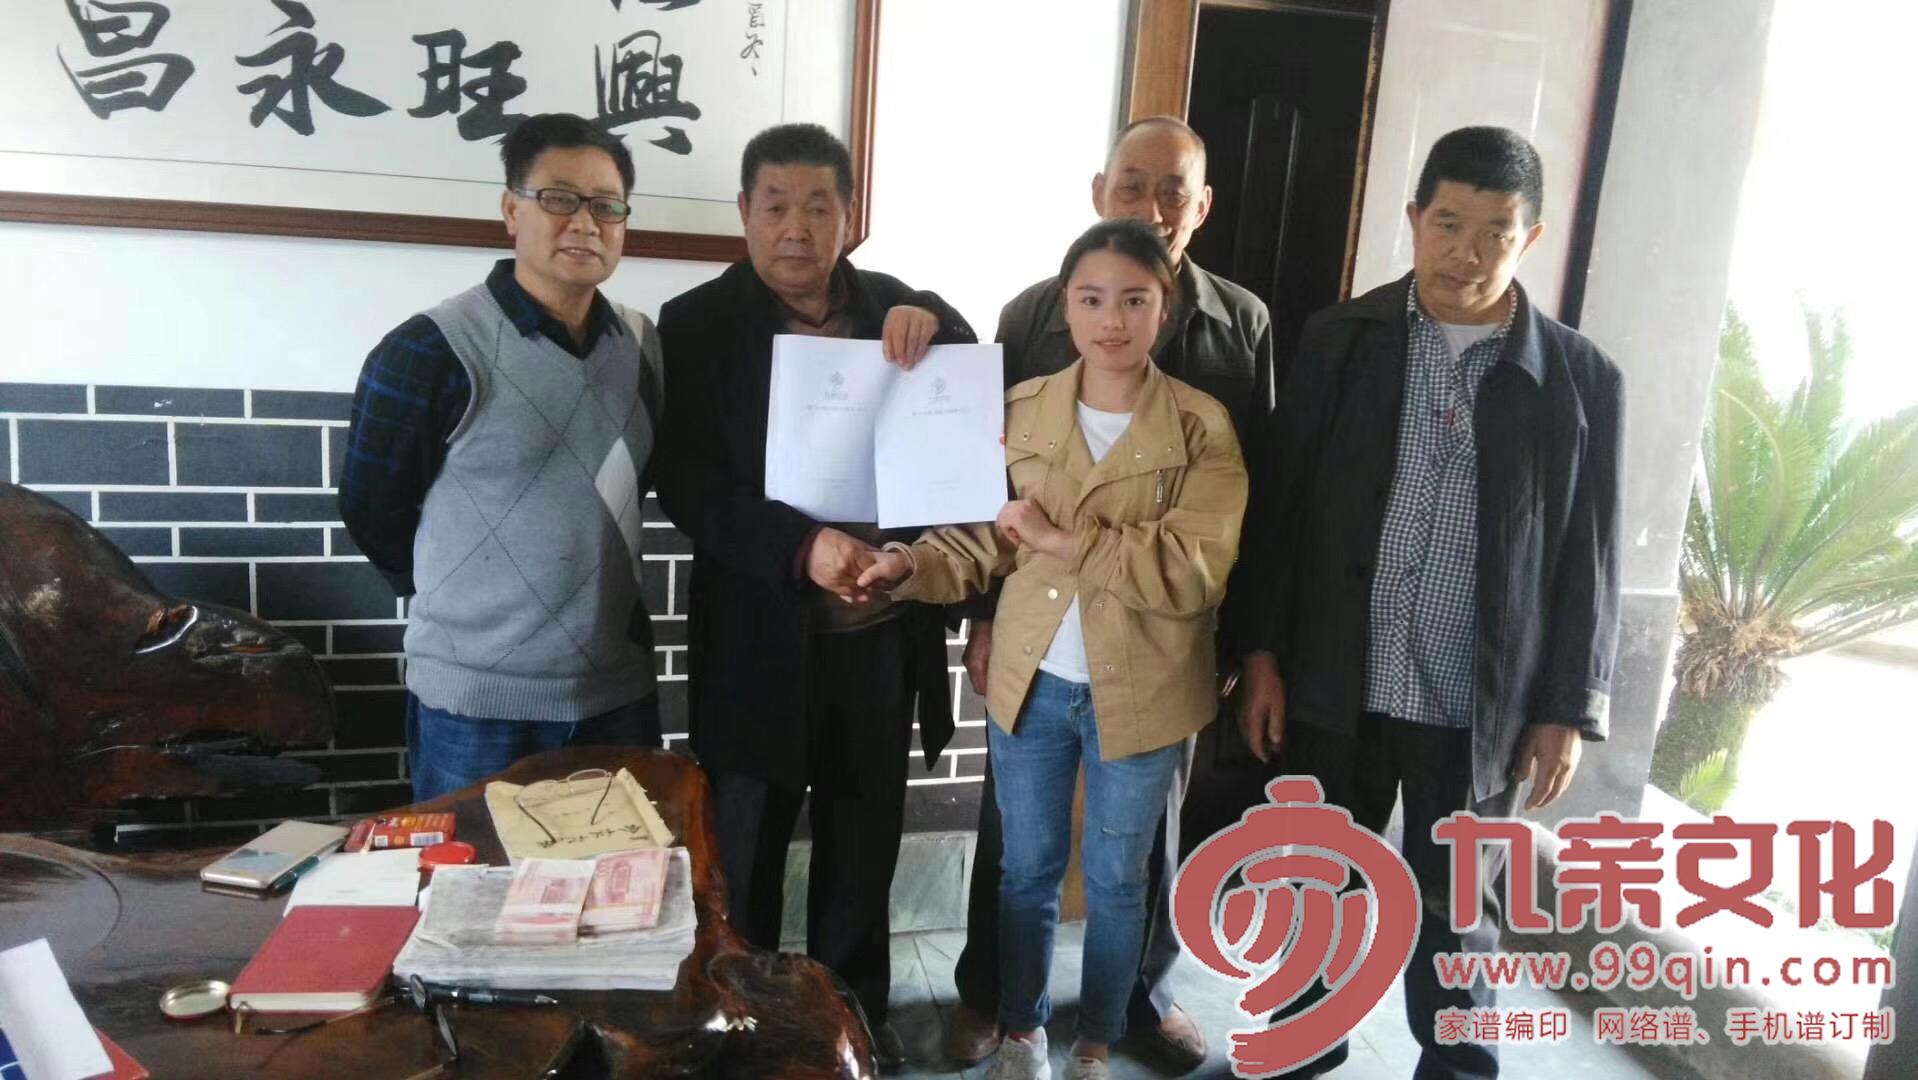 热烈祝贺泸州程氏与九亲文化签订家谱编修合作协议!